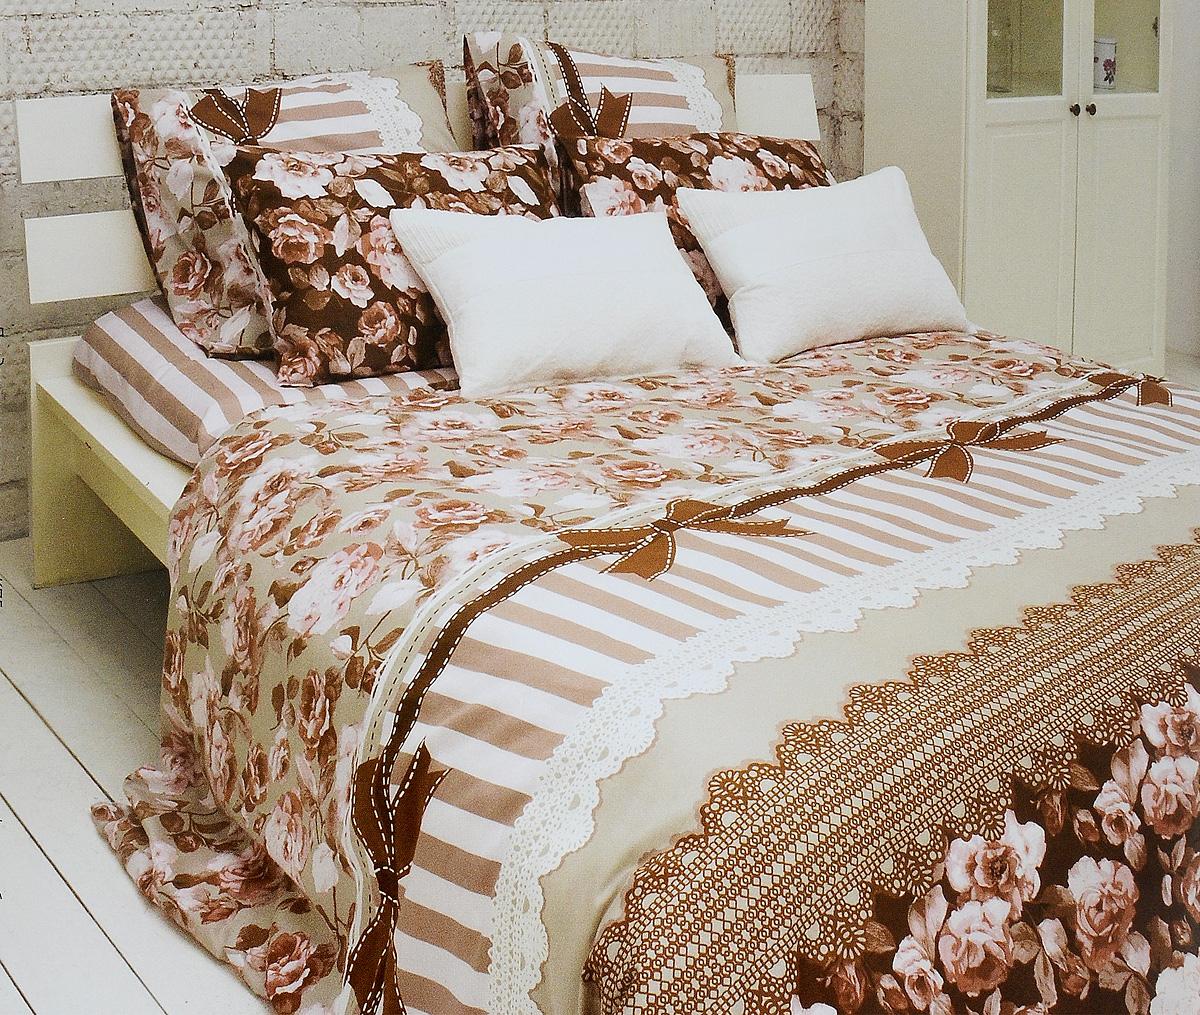 Комплект белья Tiffany's Secret Шоколадный этюд, евро, наволочки 70х70, цвет: розовый, коричневый, белый комплект белья tiffany s secret шоколадный этюд 2 спальный кпб сатин наволочки 50х70 70х70